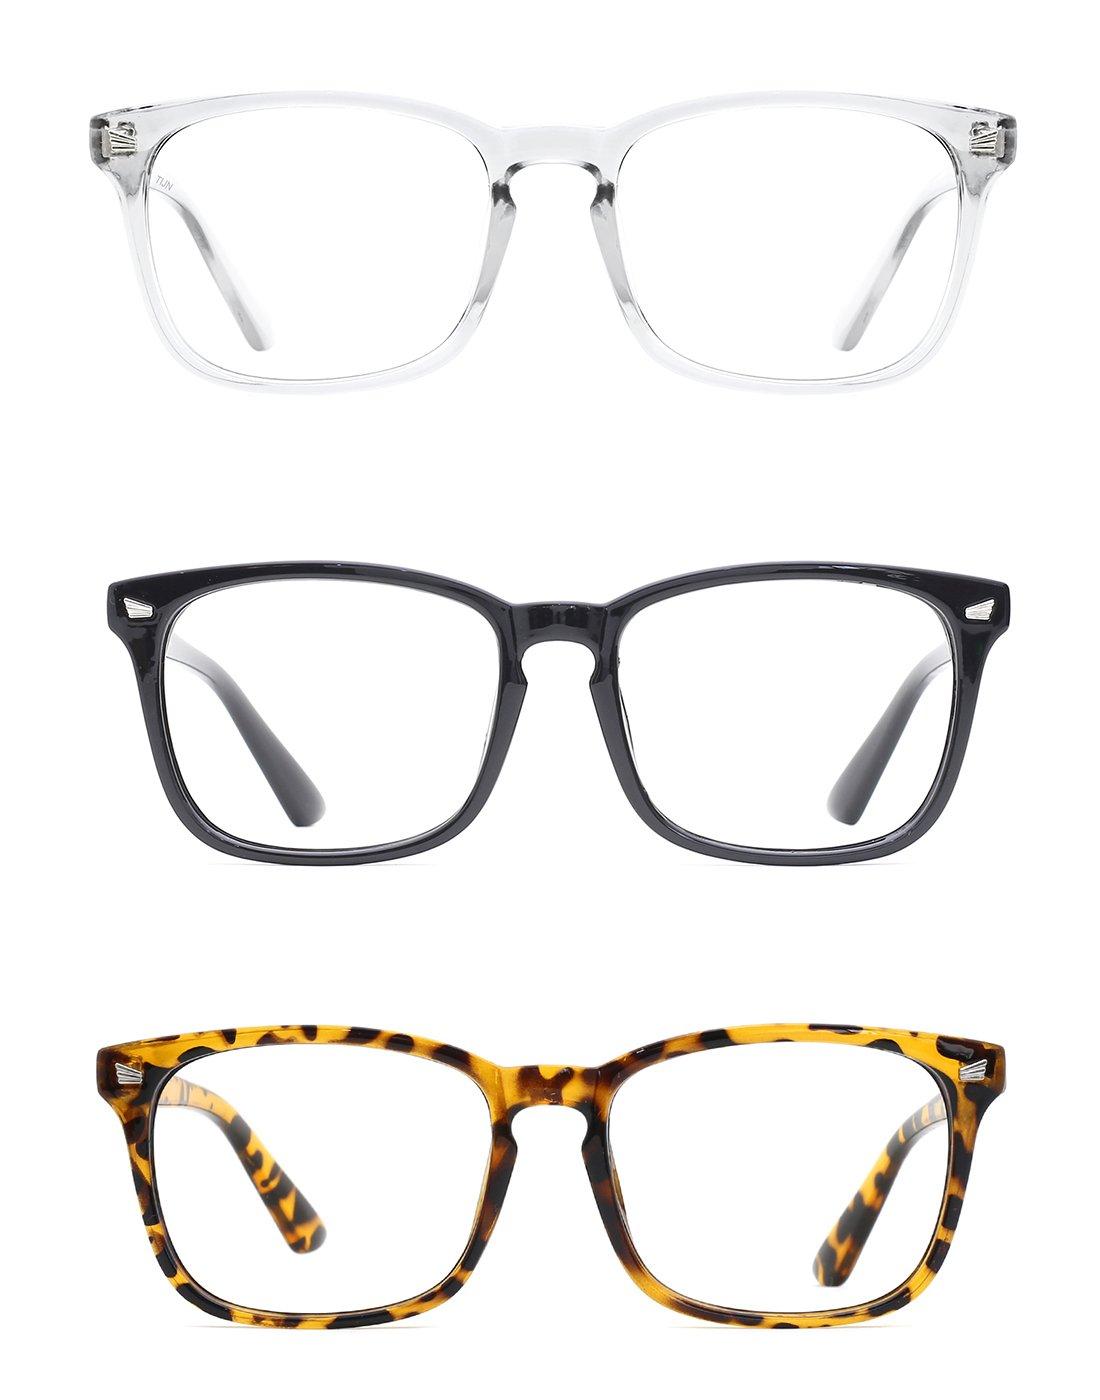 TIJN Unisex Non-Prescription Glasses Square Frame Clear Lens Eyeglasses 3-Pack (Transparent/Black/Jaguar) by TIJN